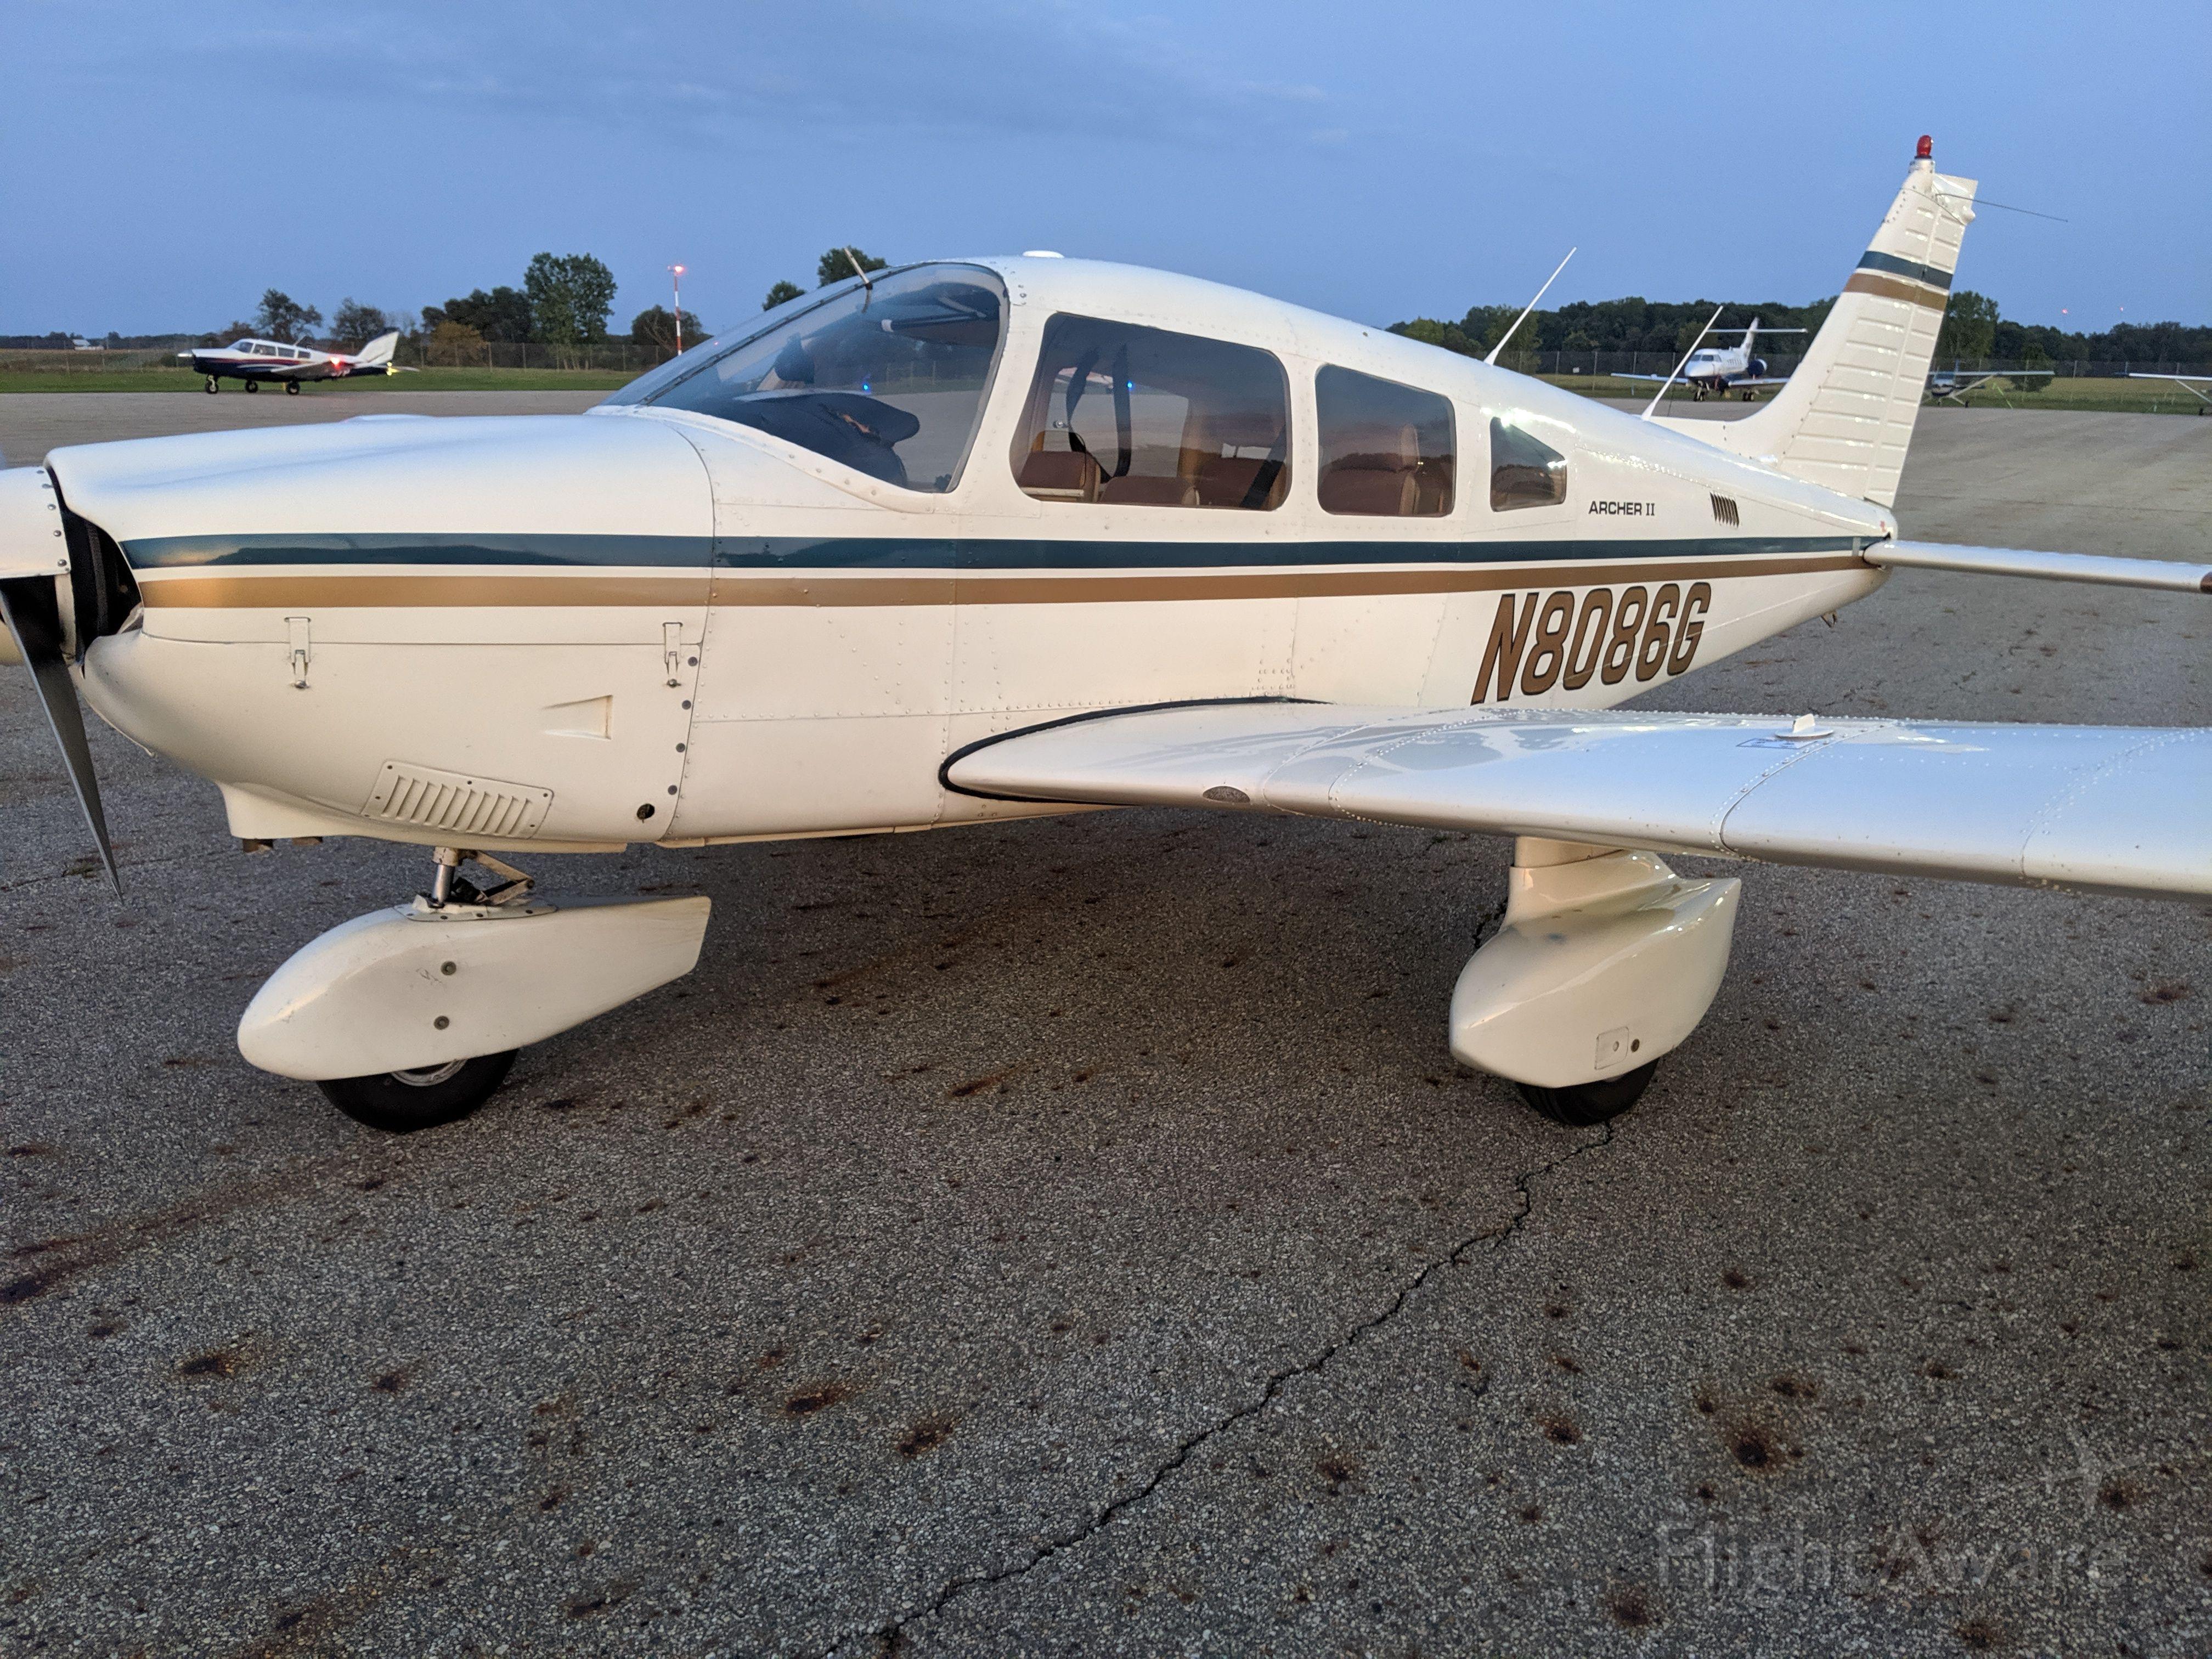 Piper Cherokee (N8086G)